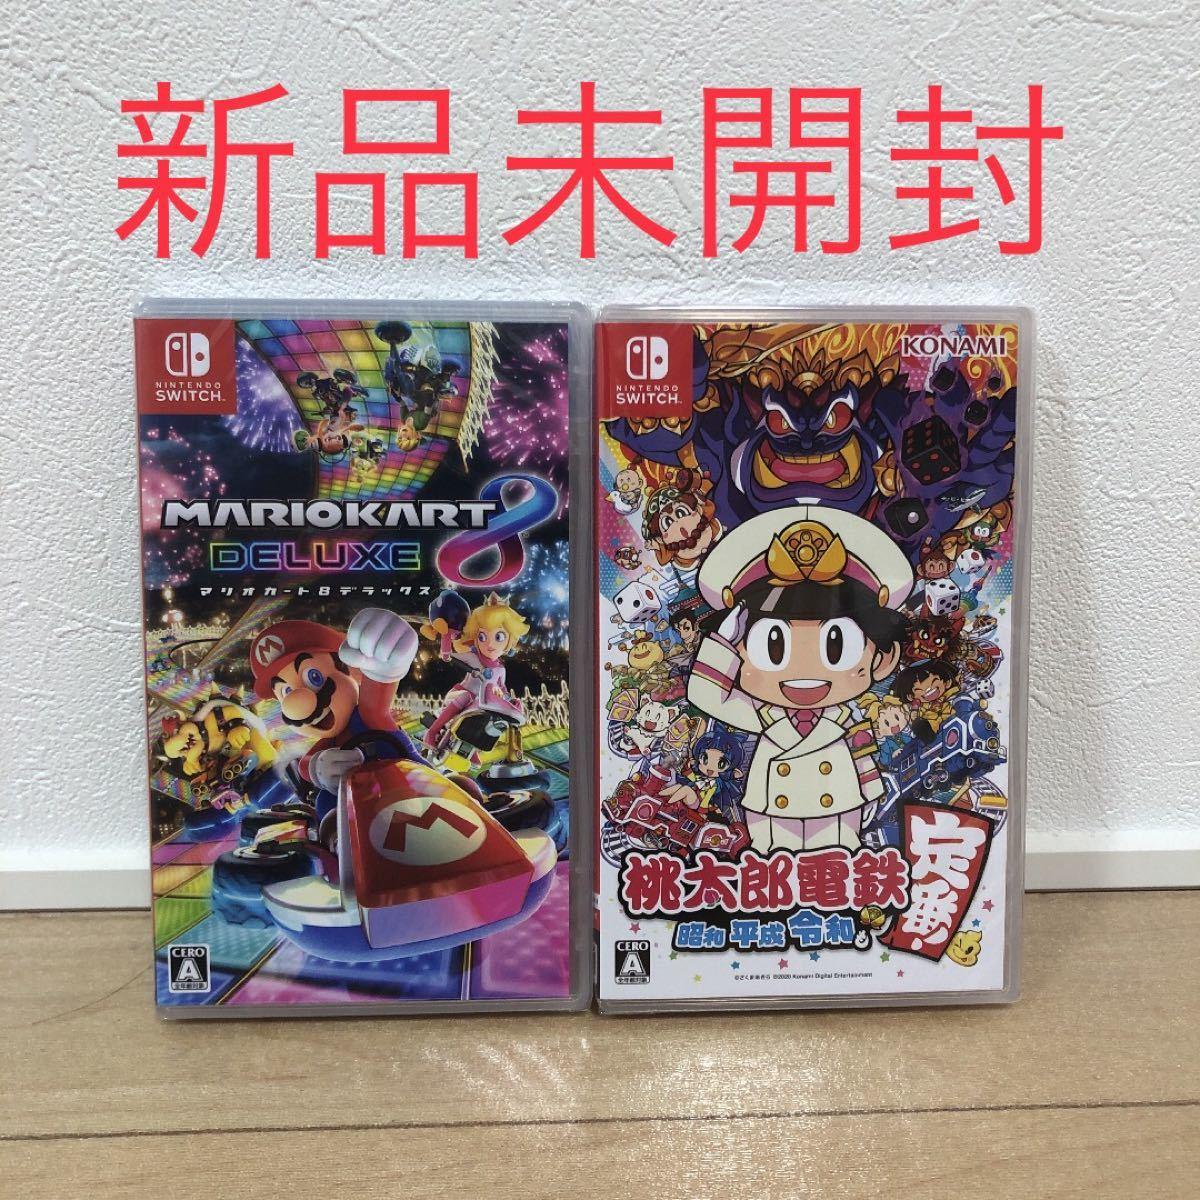 マリオカート8デラックス 桃太郎電鉄 Nintendo Switch ニンテンドースイッチ 桃鉄 ソフト